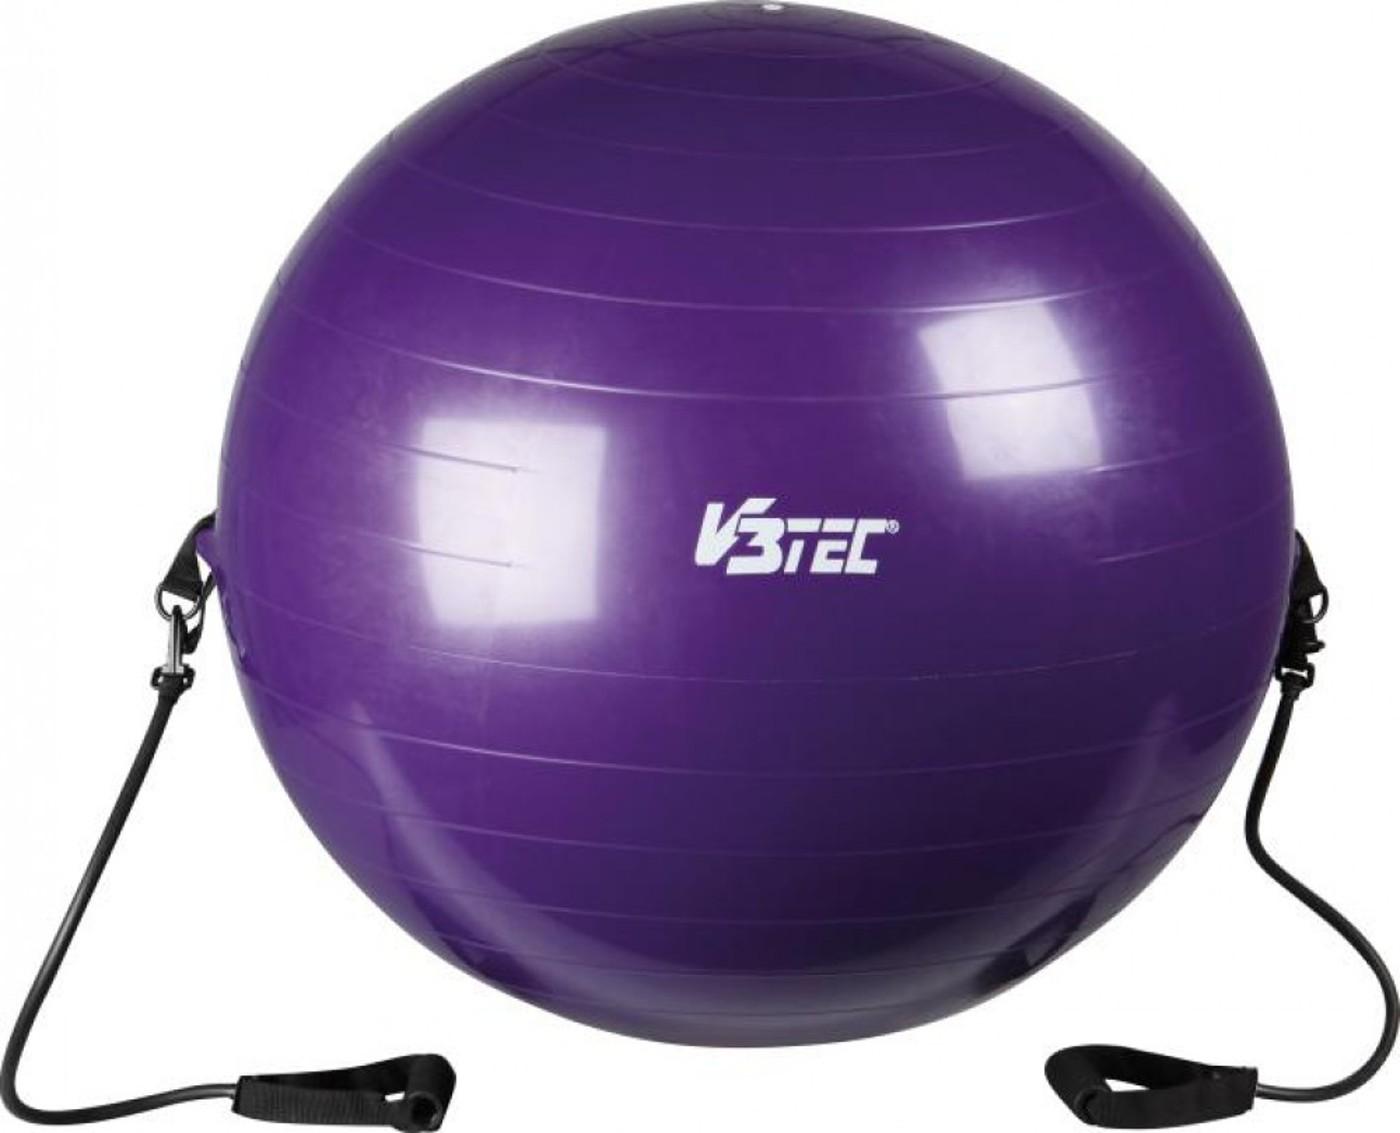 V3TEC GYM BALL WITH TUBES